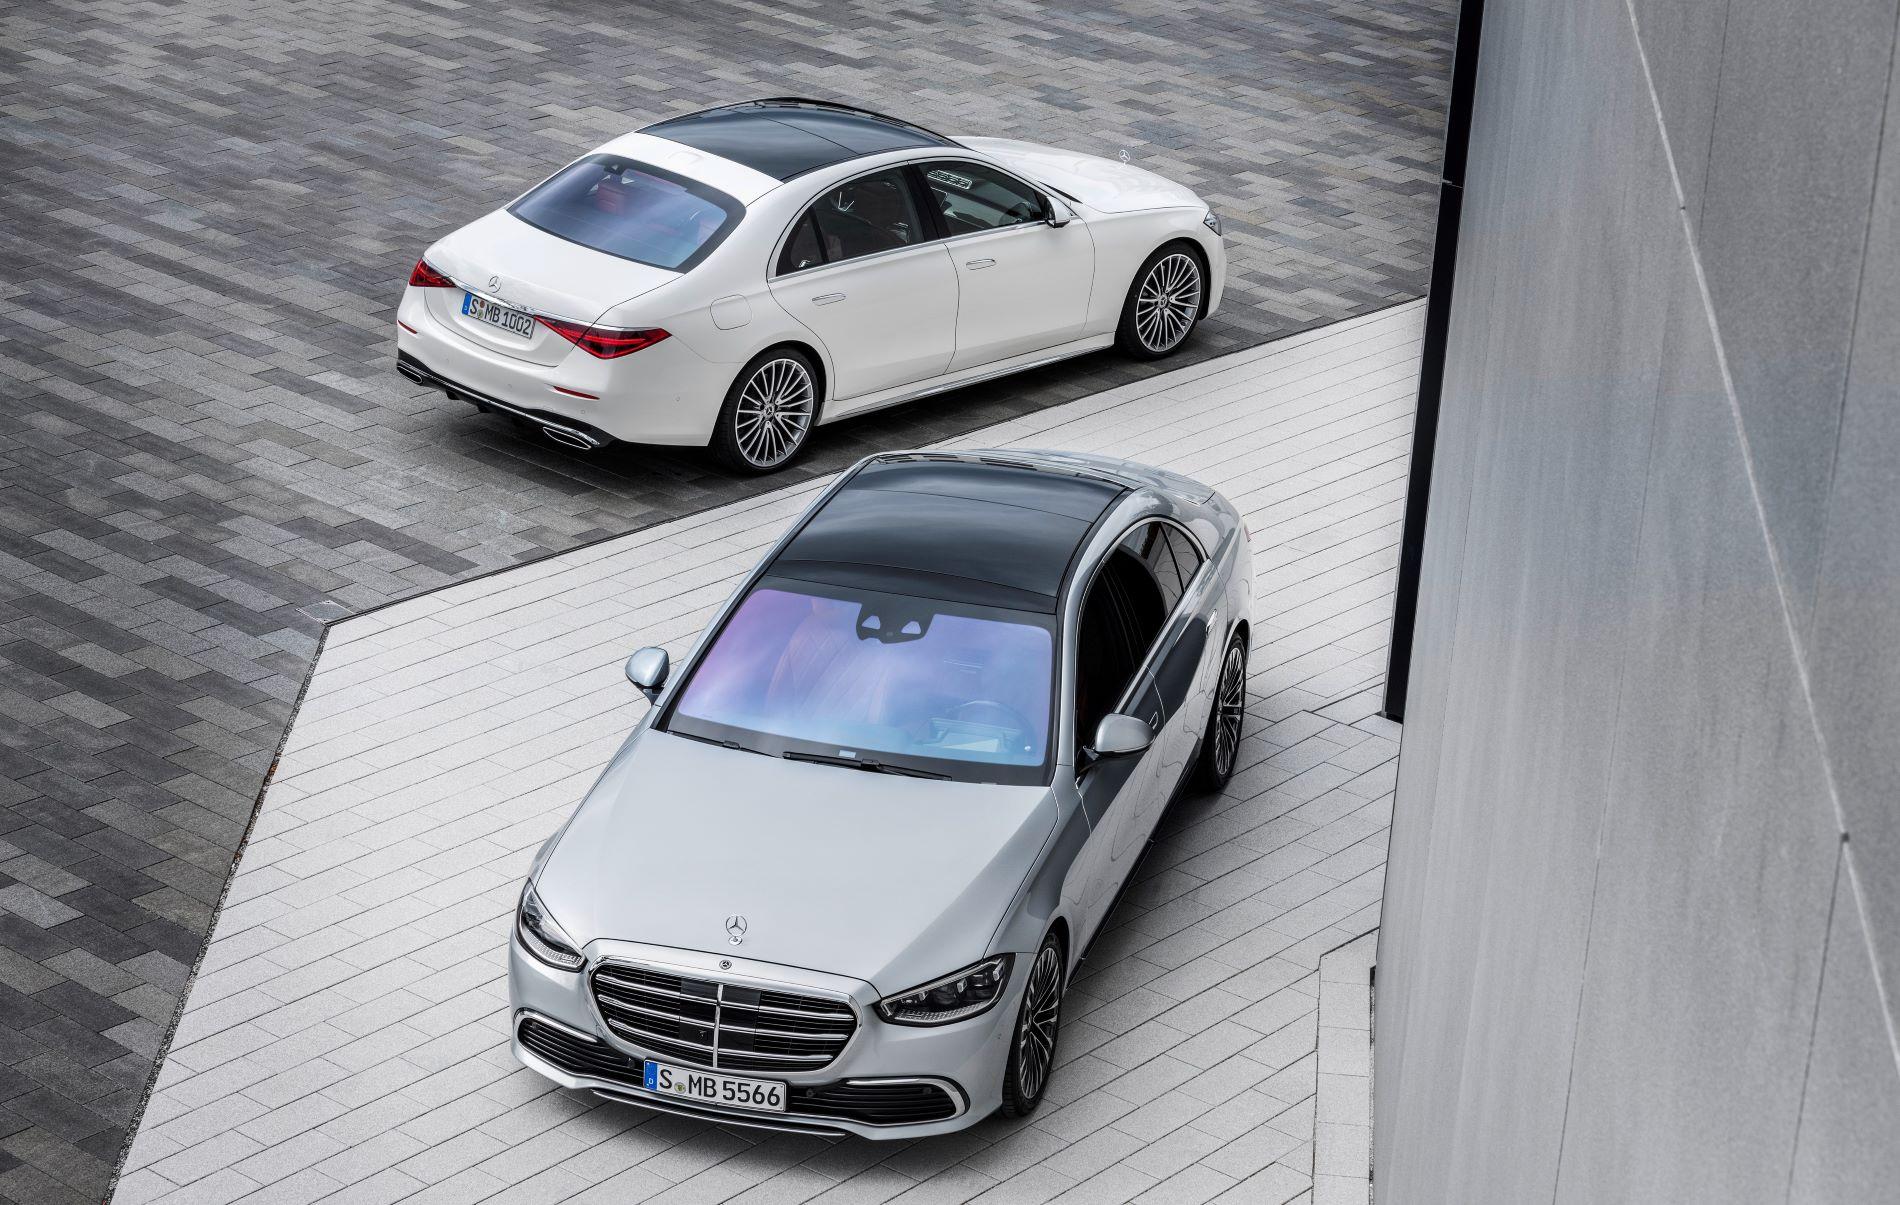 Mercedes Benz S Class View